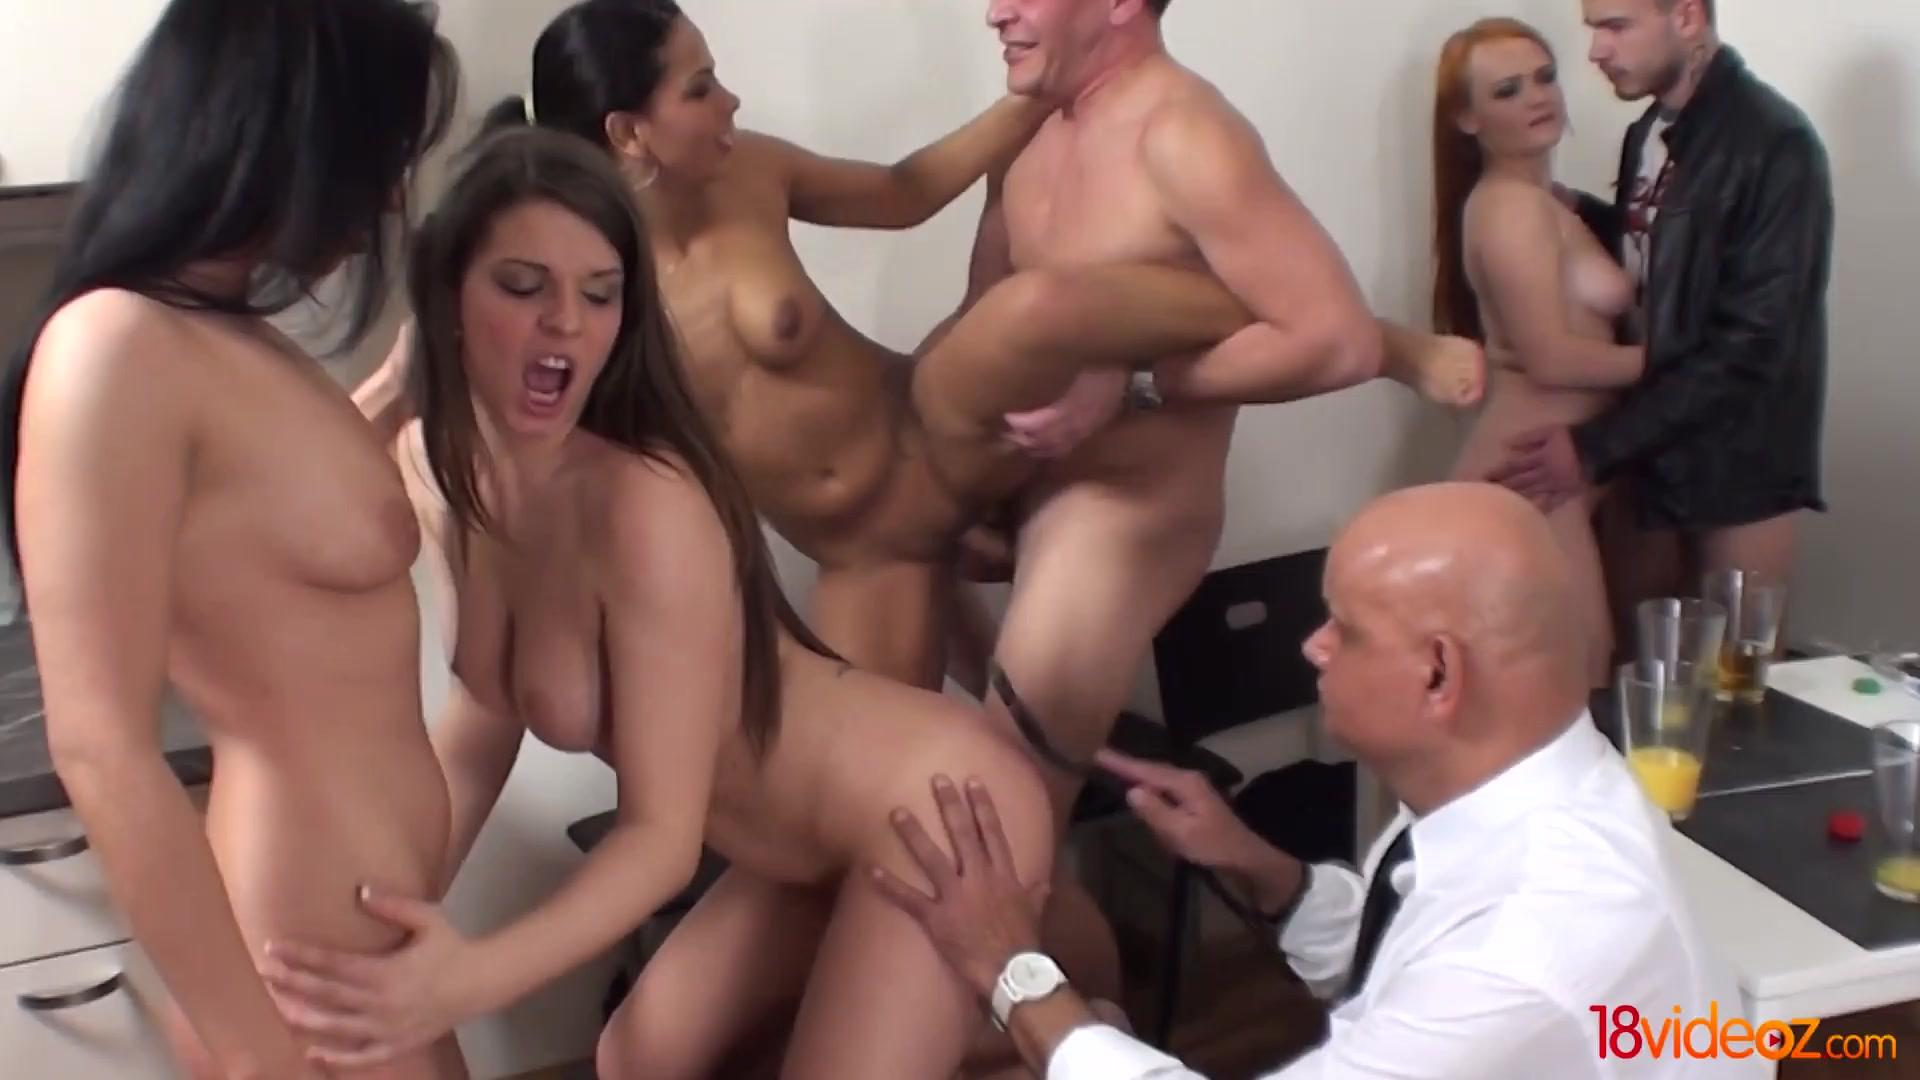 18Videoz 18videoz - sex party with older spectator